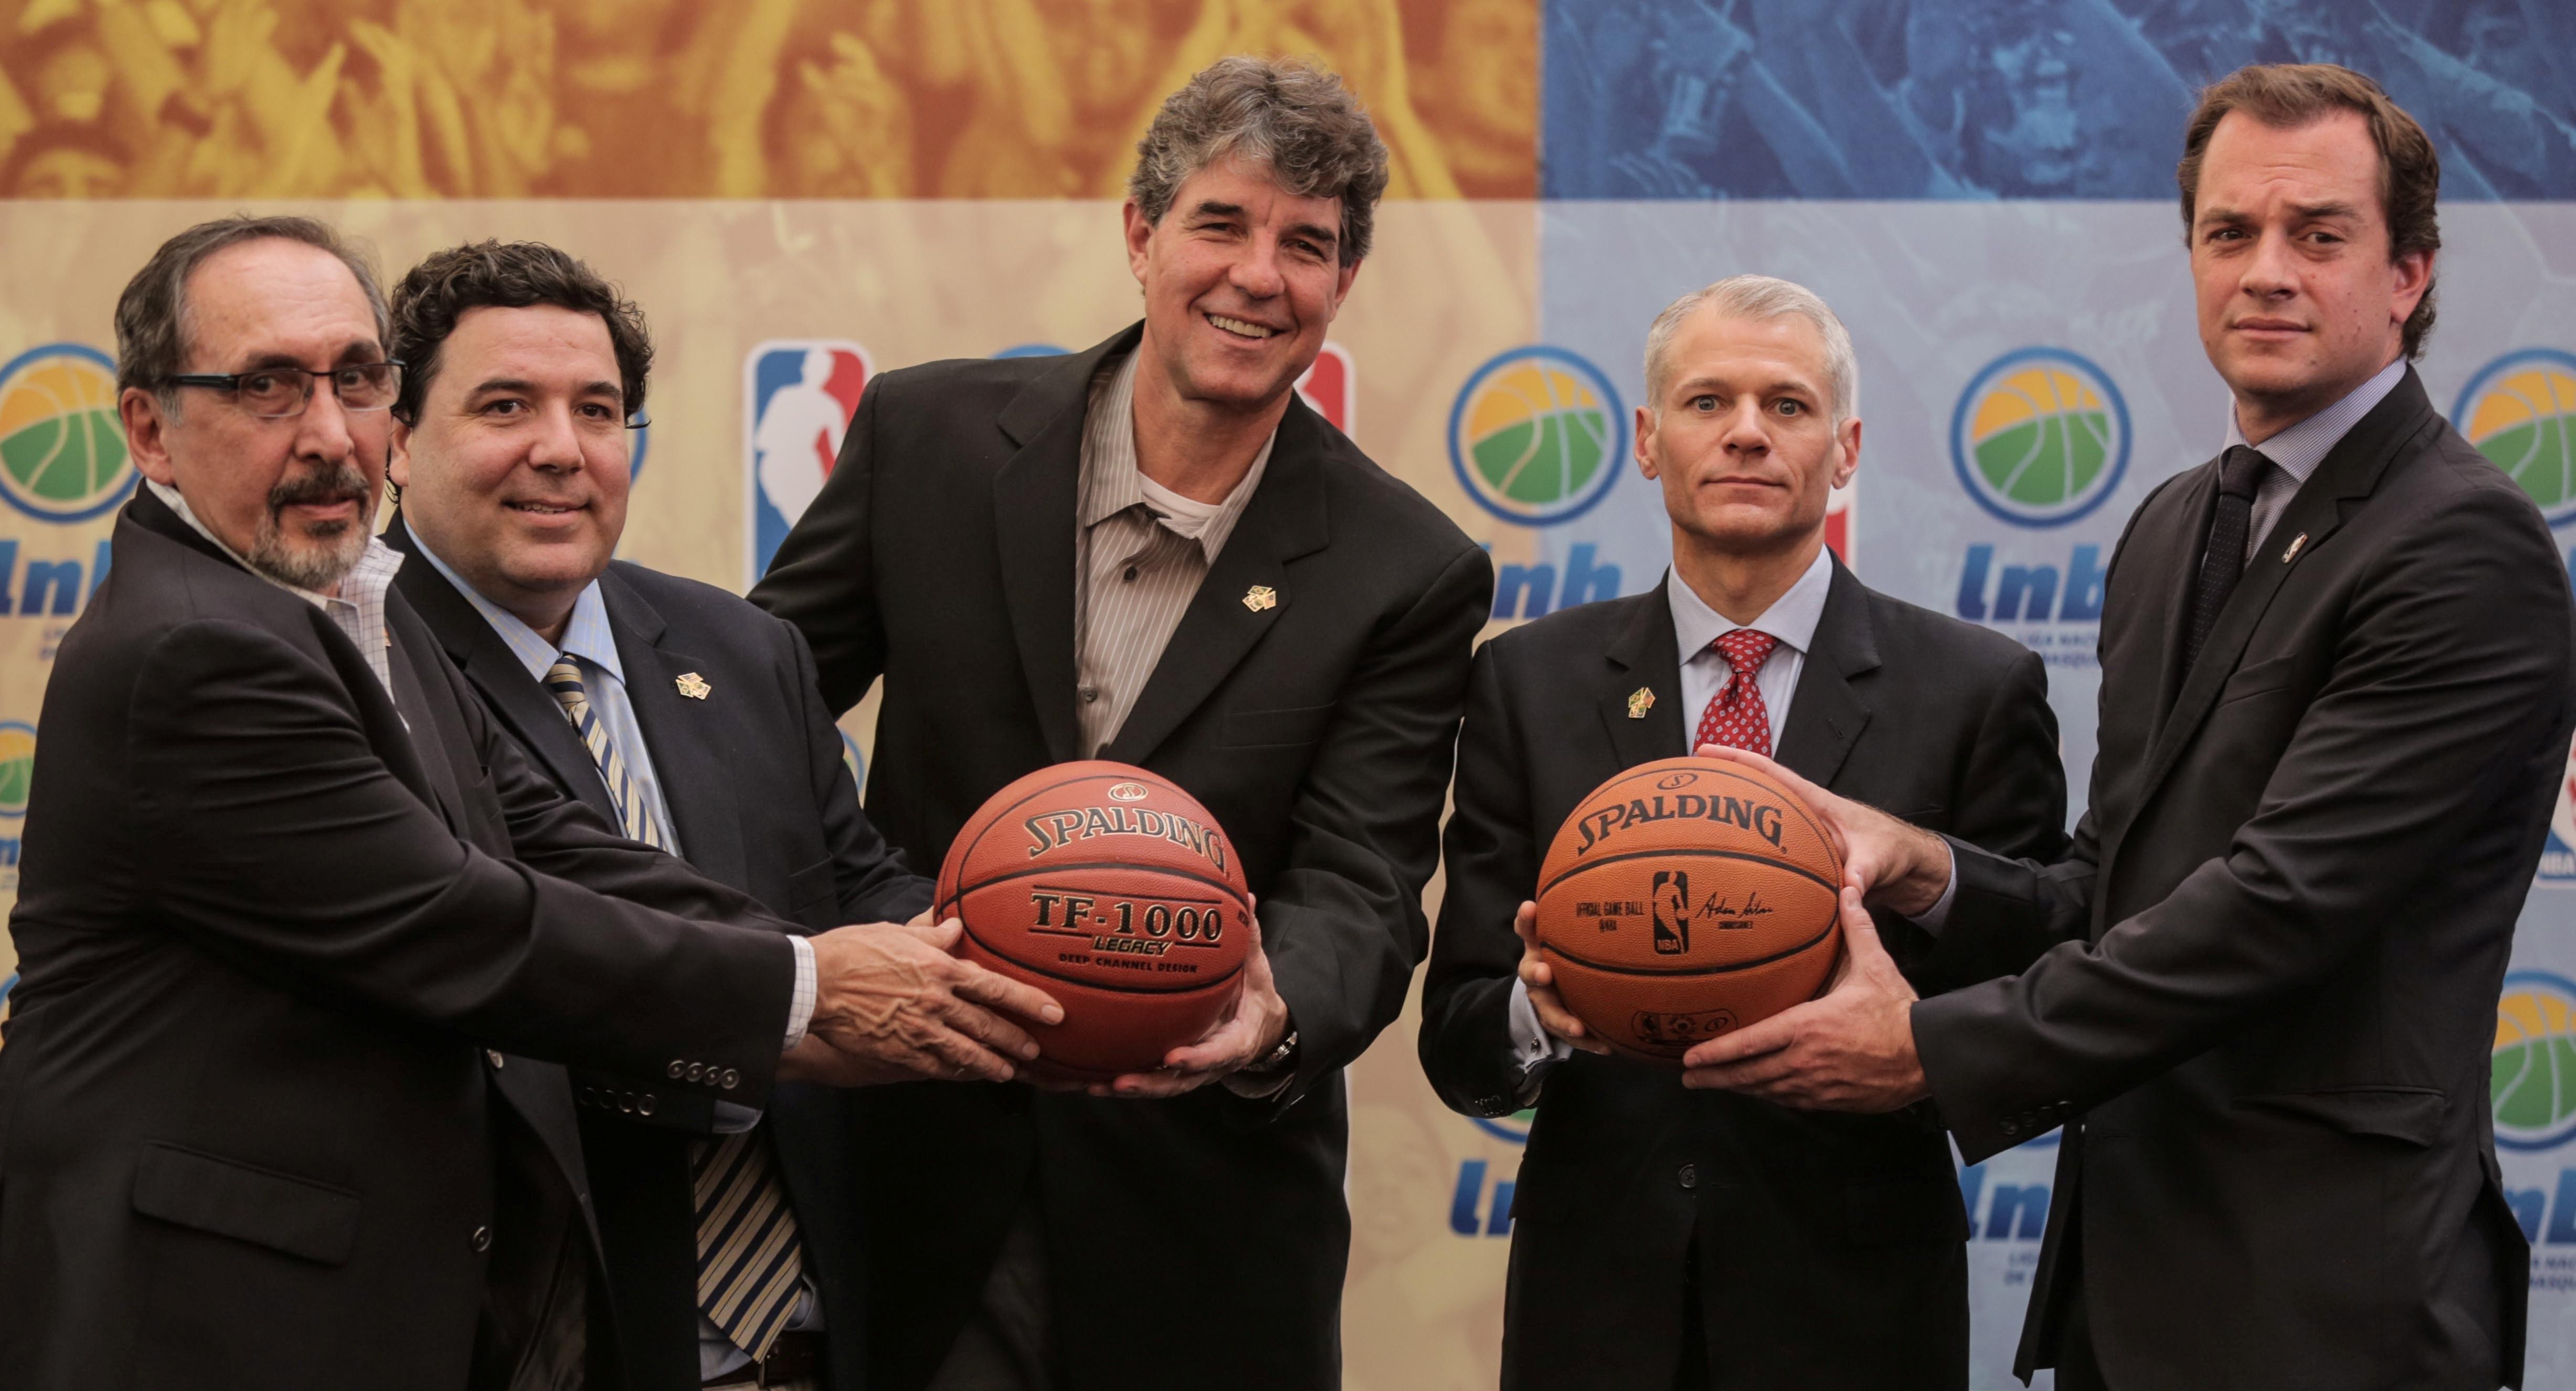 Histórica parceria entre LNB e NBA será um dos assuntos (João Pires/LNB)